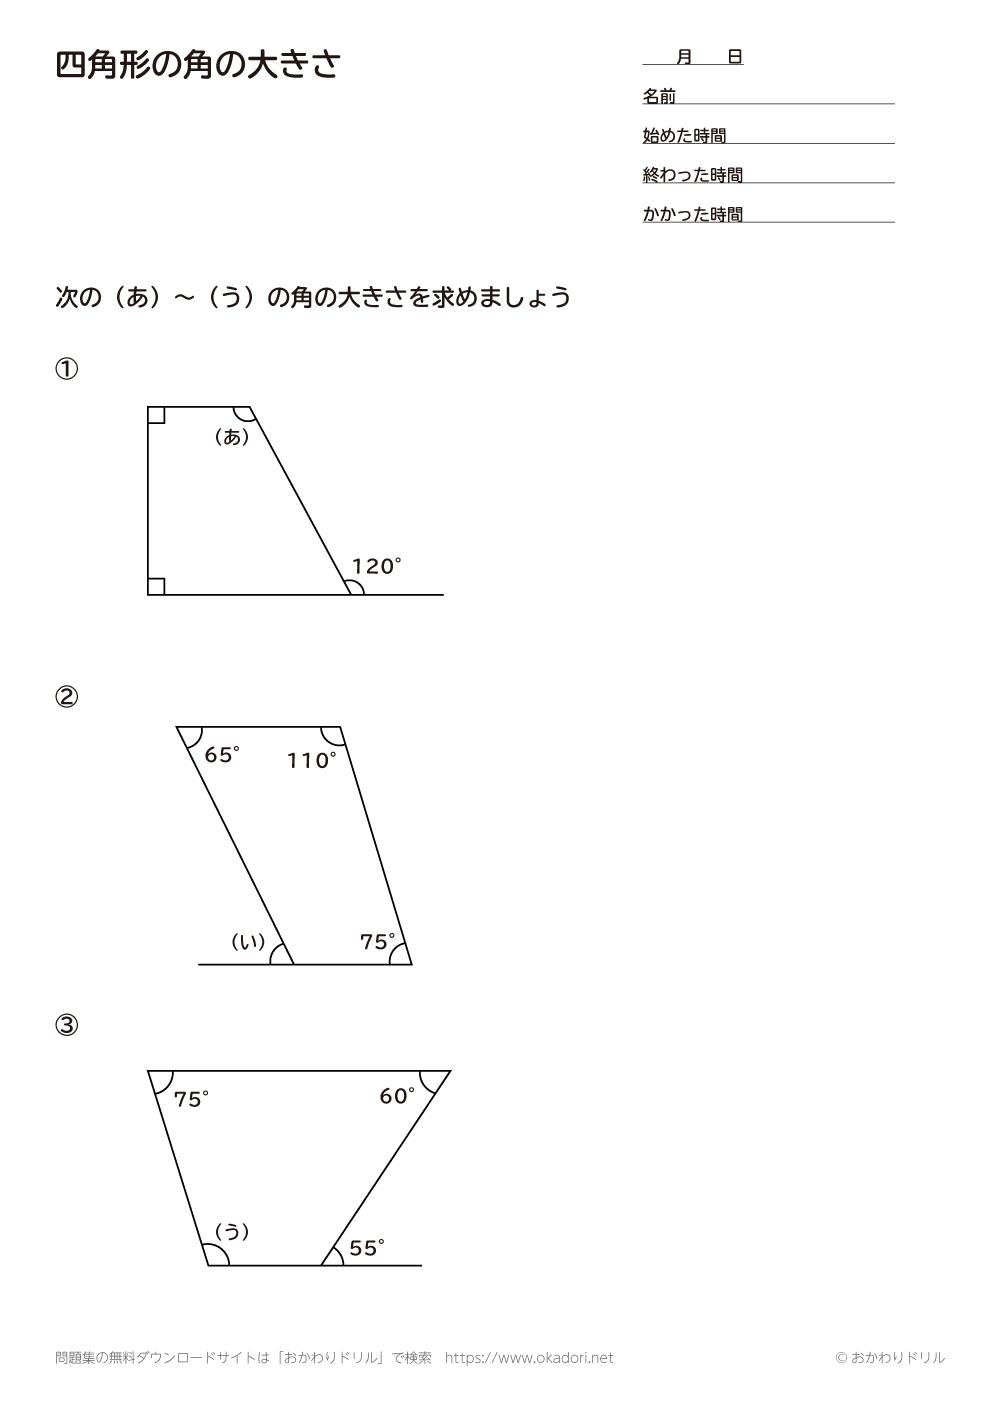 四角形の角の大きさ4